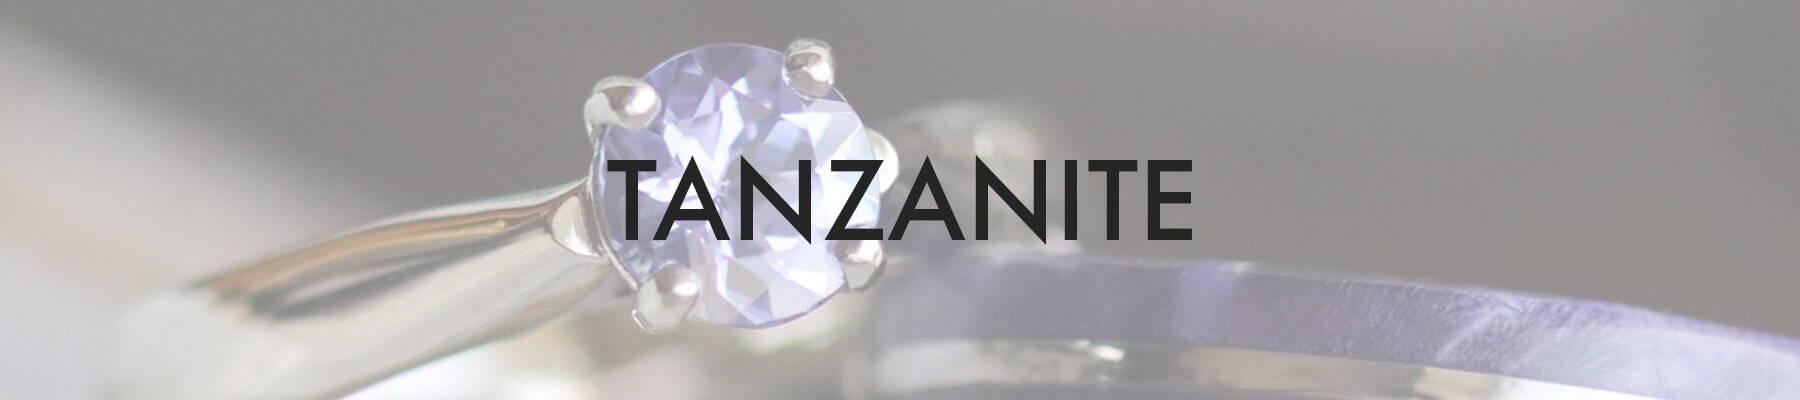 Tanzanite Engagement Ring (SKU 3710)